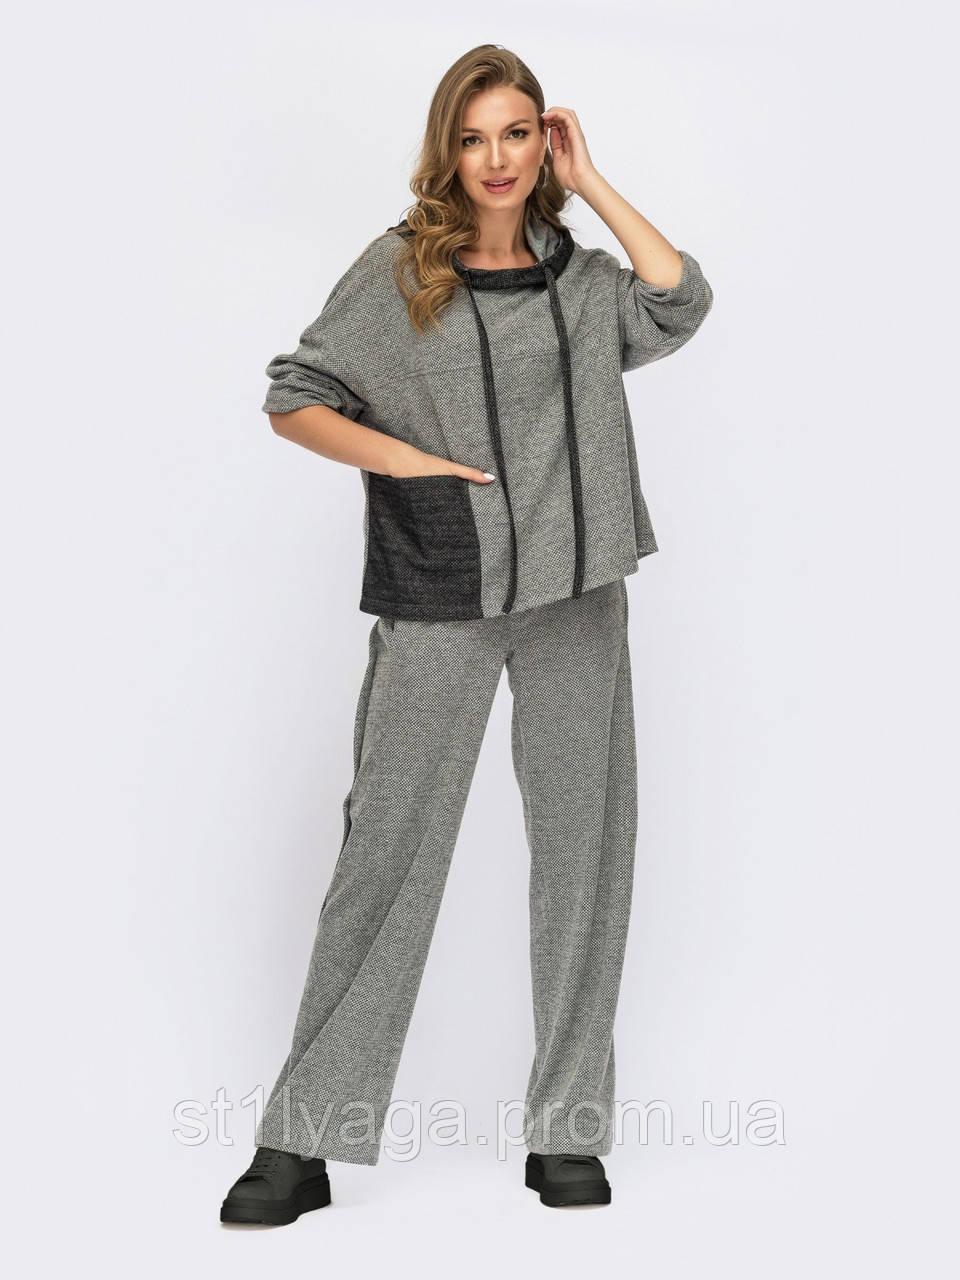 Костюм в спортивному стилі кофта та штани вільного крою сірий